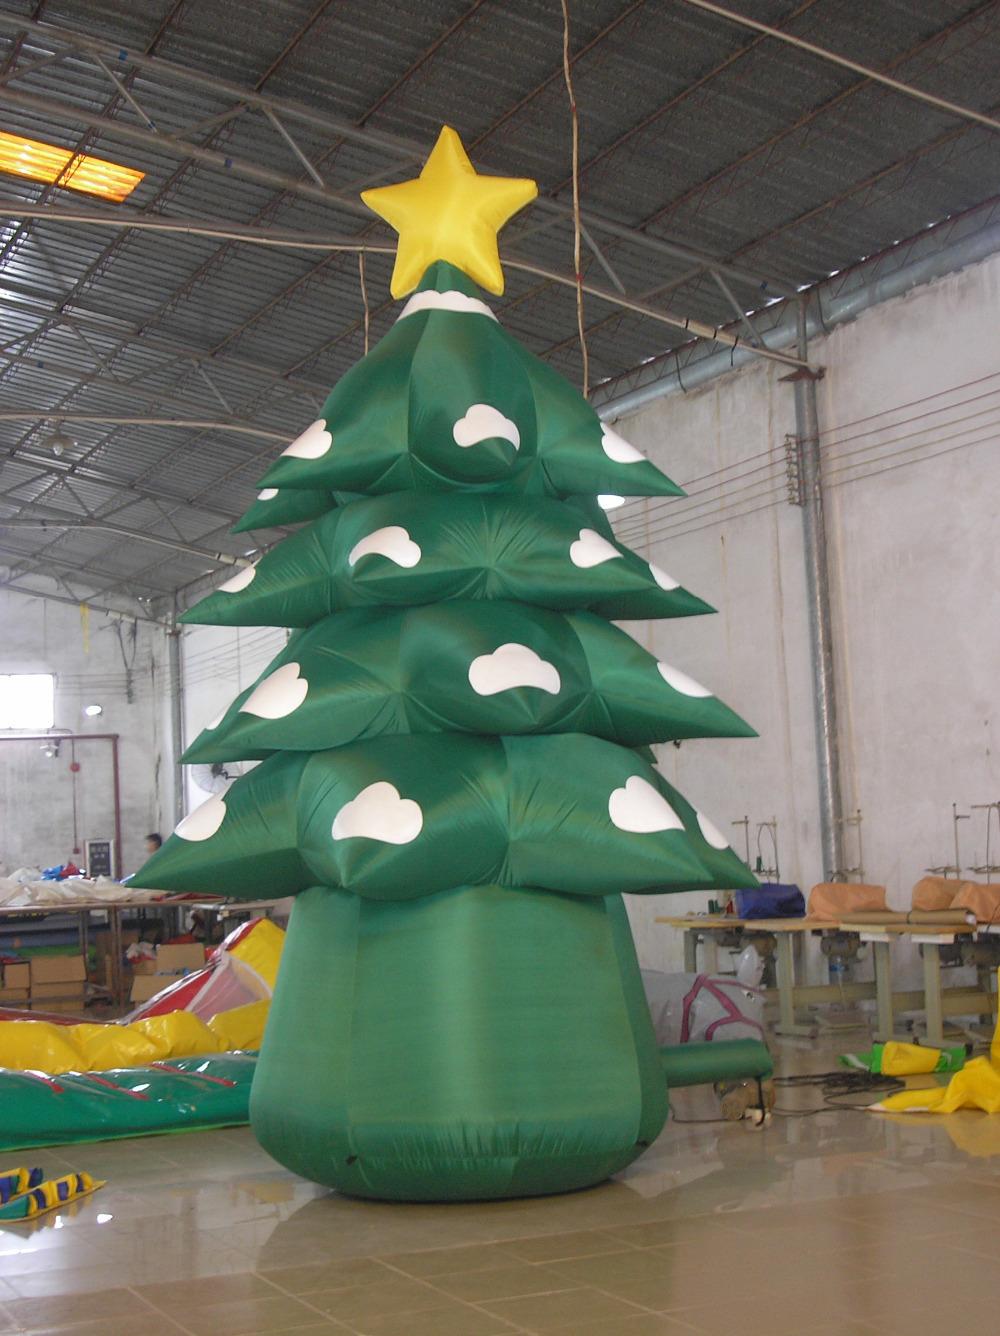 5 m h exterior de regalo decorado rbol de navidad - Comprar arboles de navidad decorados ...